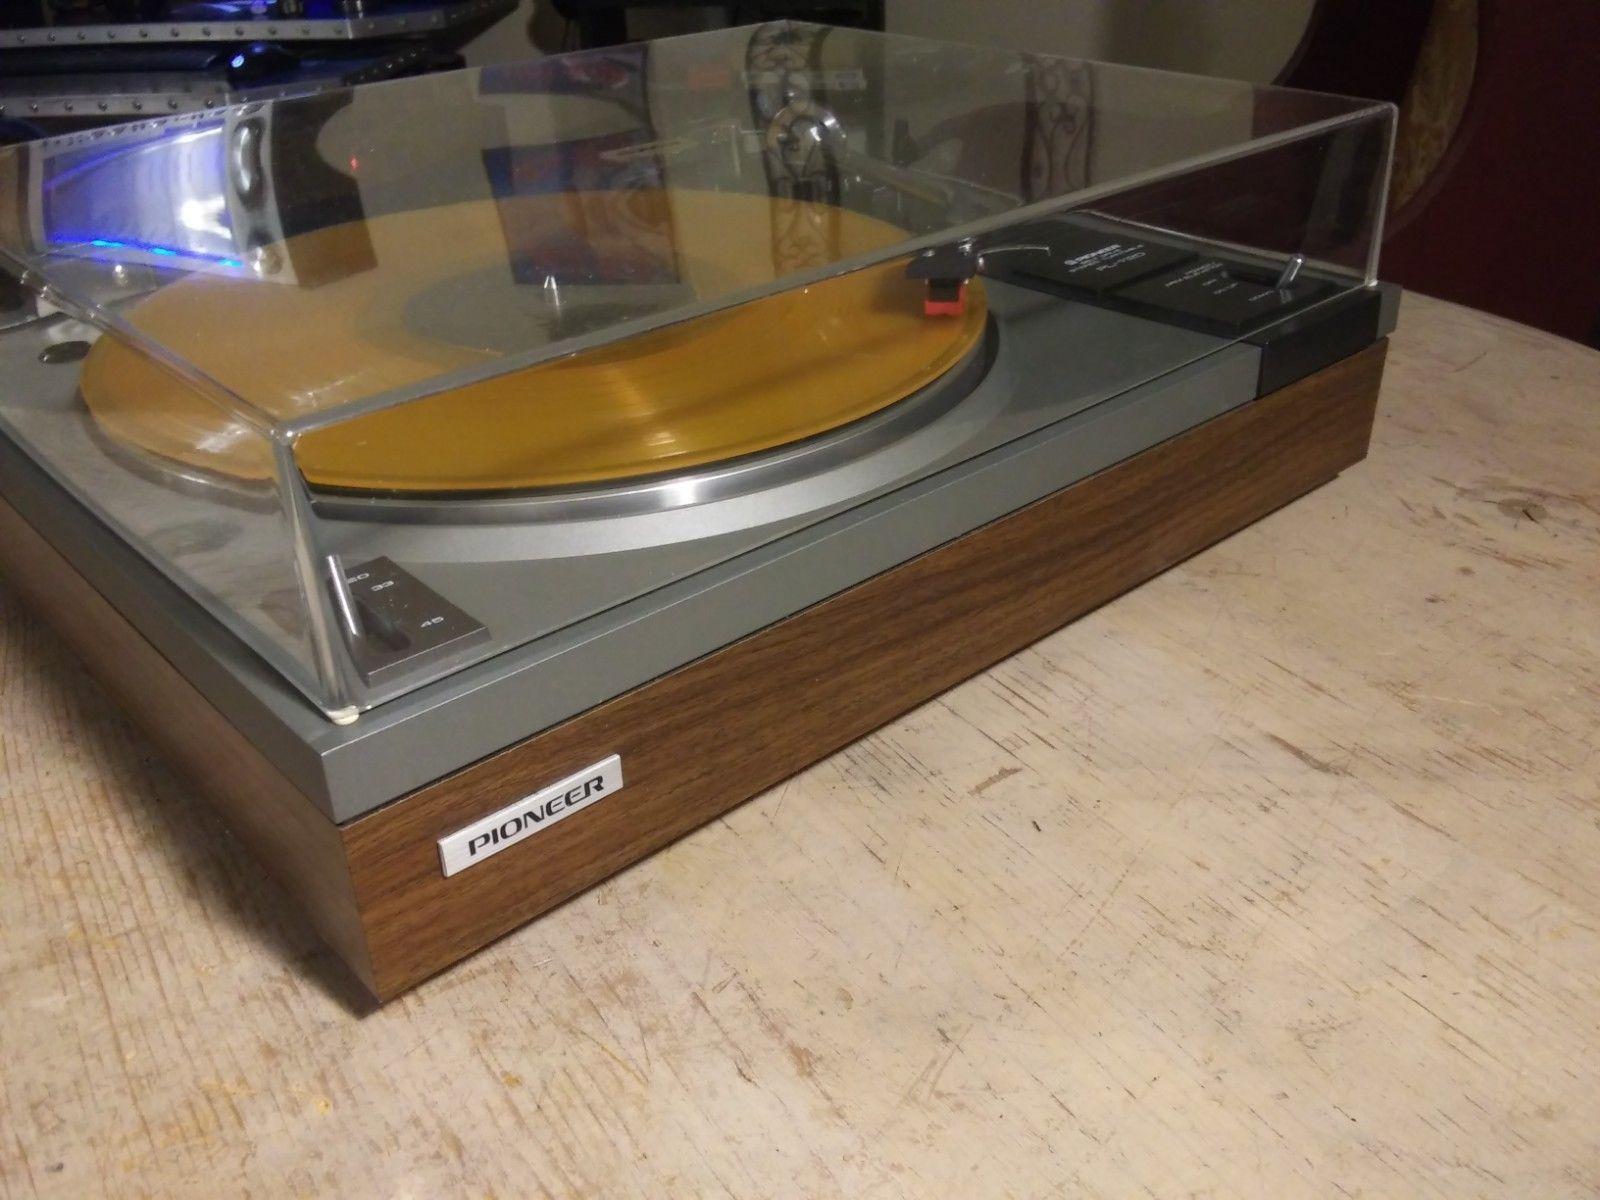 Vintage Pioneer Turntable Vinyl Record Player Sansui Cartridge Works Great Ebay Turn Table Vinyl Vinyl Record Player Turntable